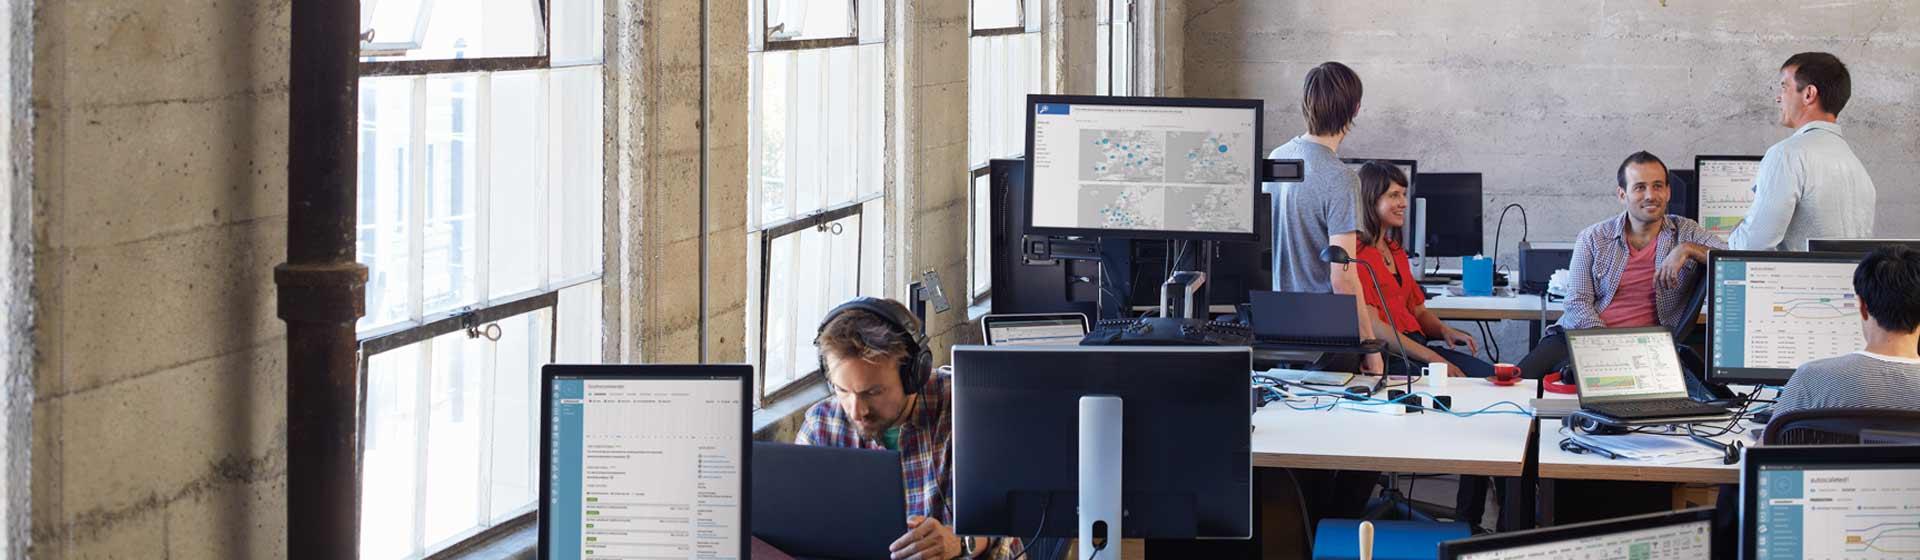 Um grupo de colegas de trabalho sentados perto de suas mesas em um escritório repleto de computadores executando o Office 365